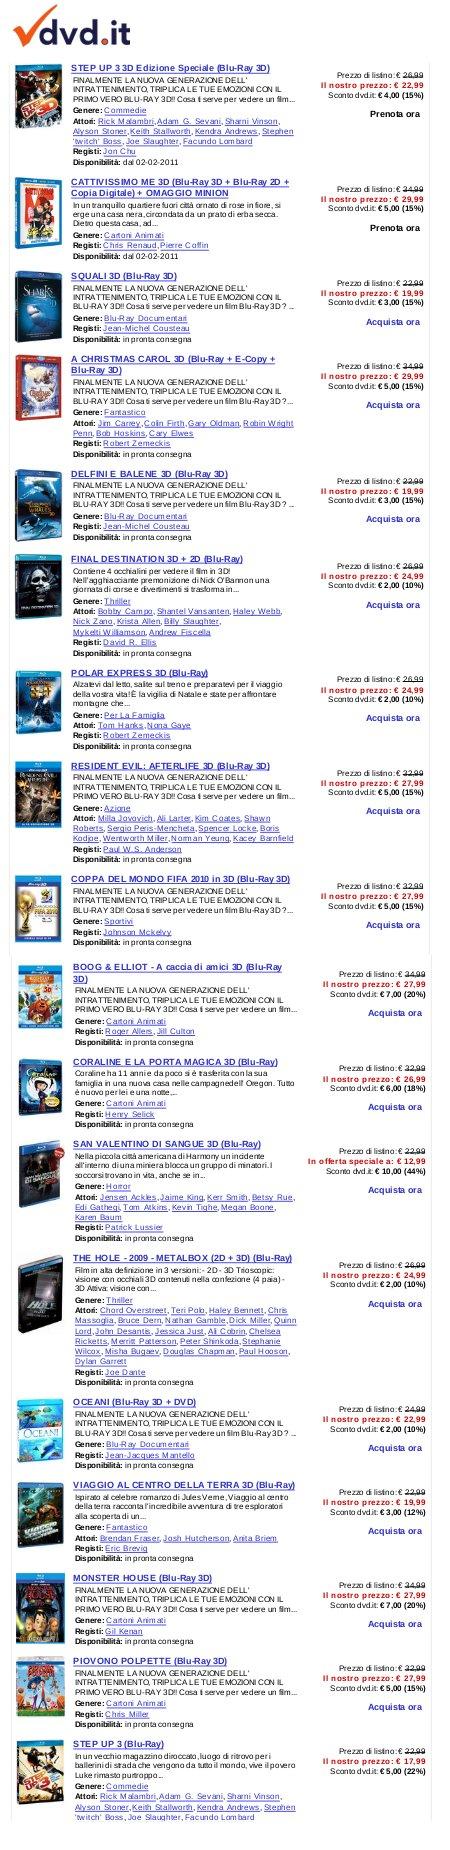 lista dei titoli in bluray 3d